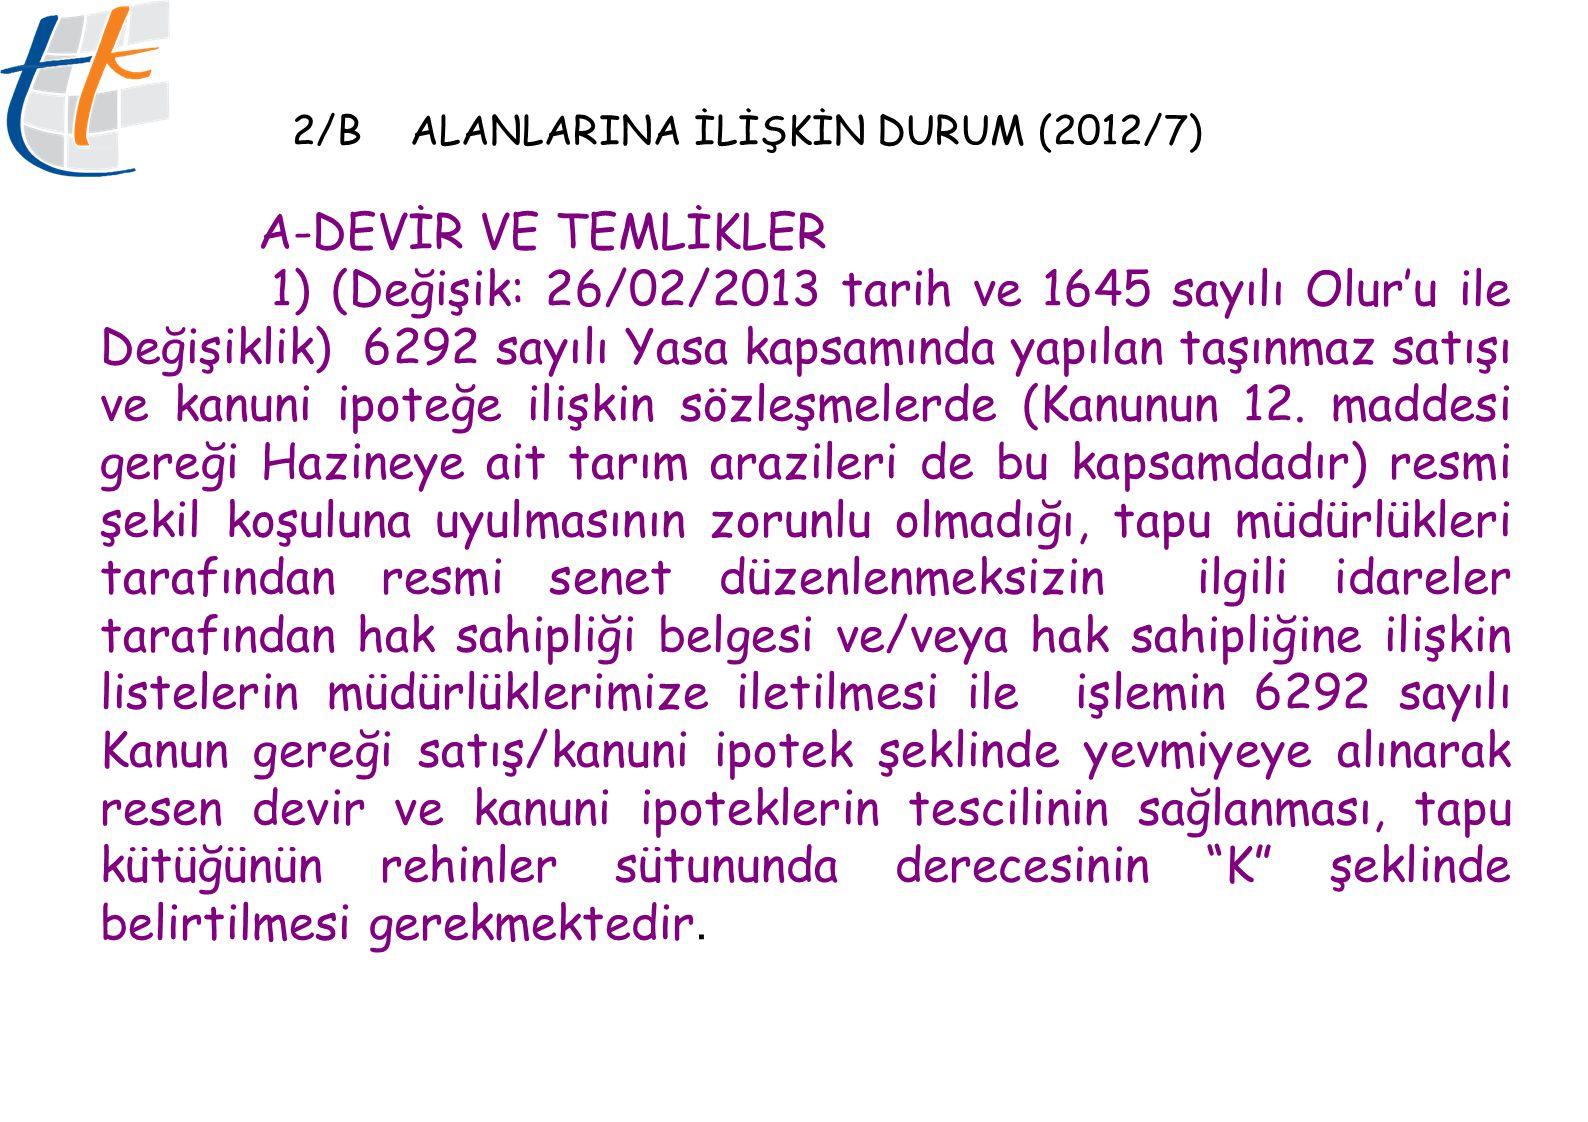 2/B ALANLARINA İLİŞKİN DURUM (2012/7) A-DEVİR VE TEMLİKLER 1) (Değişik: 26/02/2013 tarih ve 1645 sayılı Olur'u ile Değişiklik) 6292 sayılı Yasa kapsam